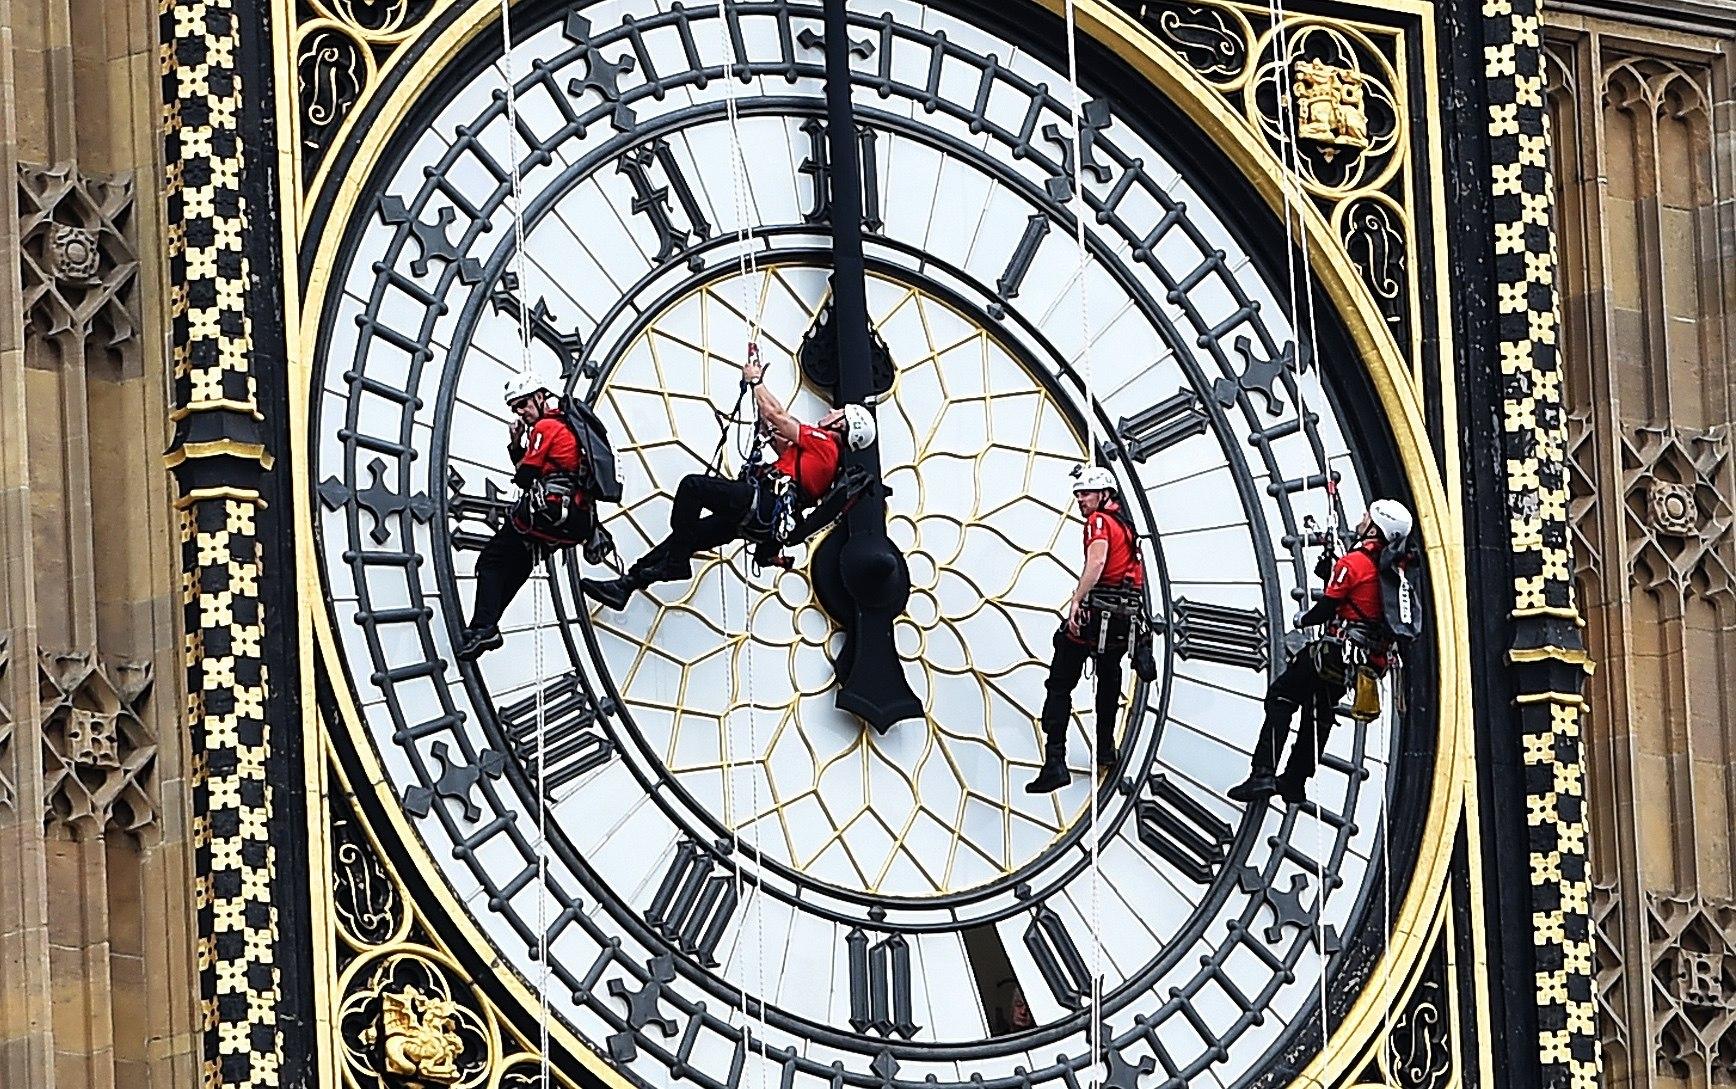 Diverses persones baixen per l'esfera del Big Ben, que serà silenciat el que resta de l'any a causa de reparacions urgents, Londres. (Regne Unit). /ANDY RAIN